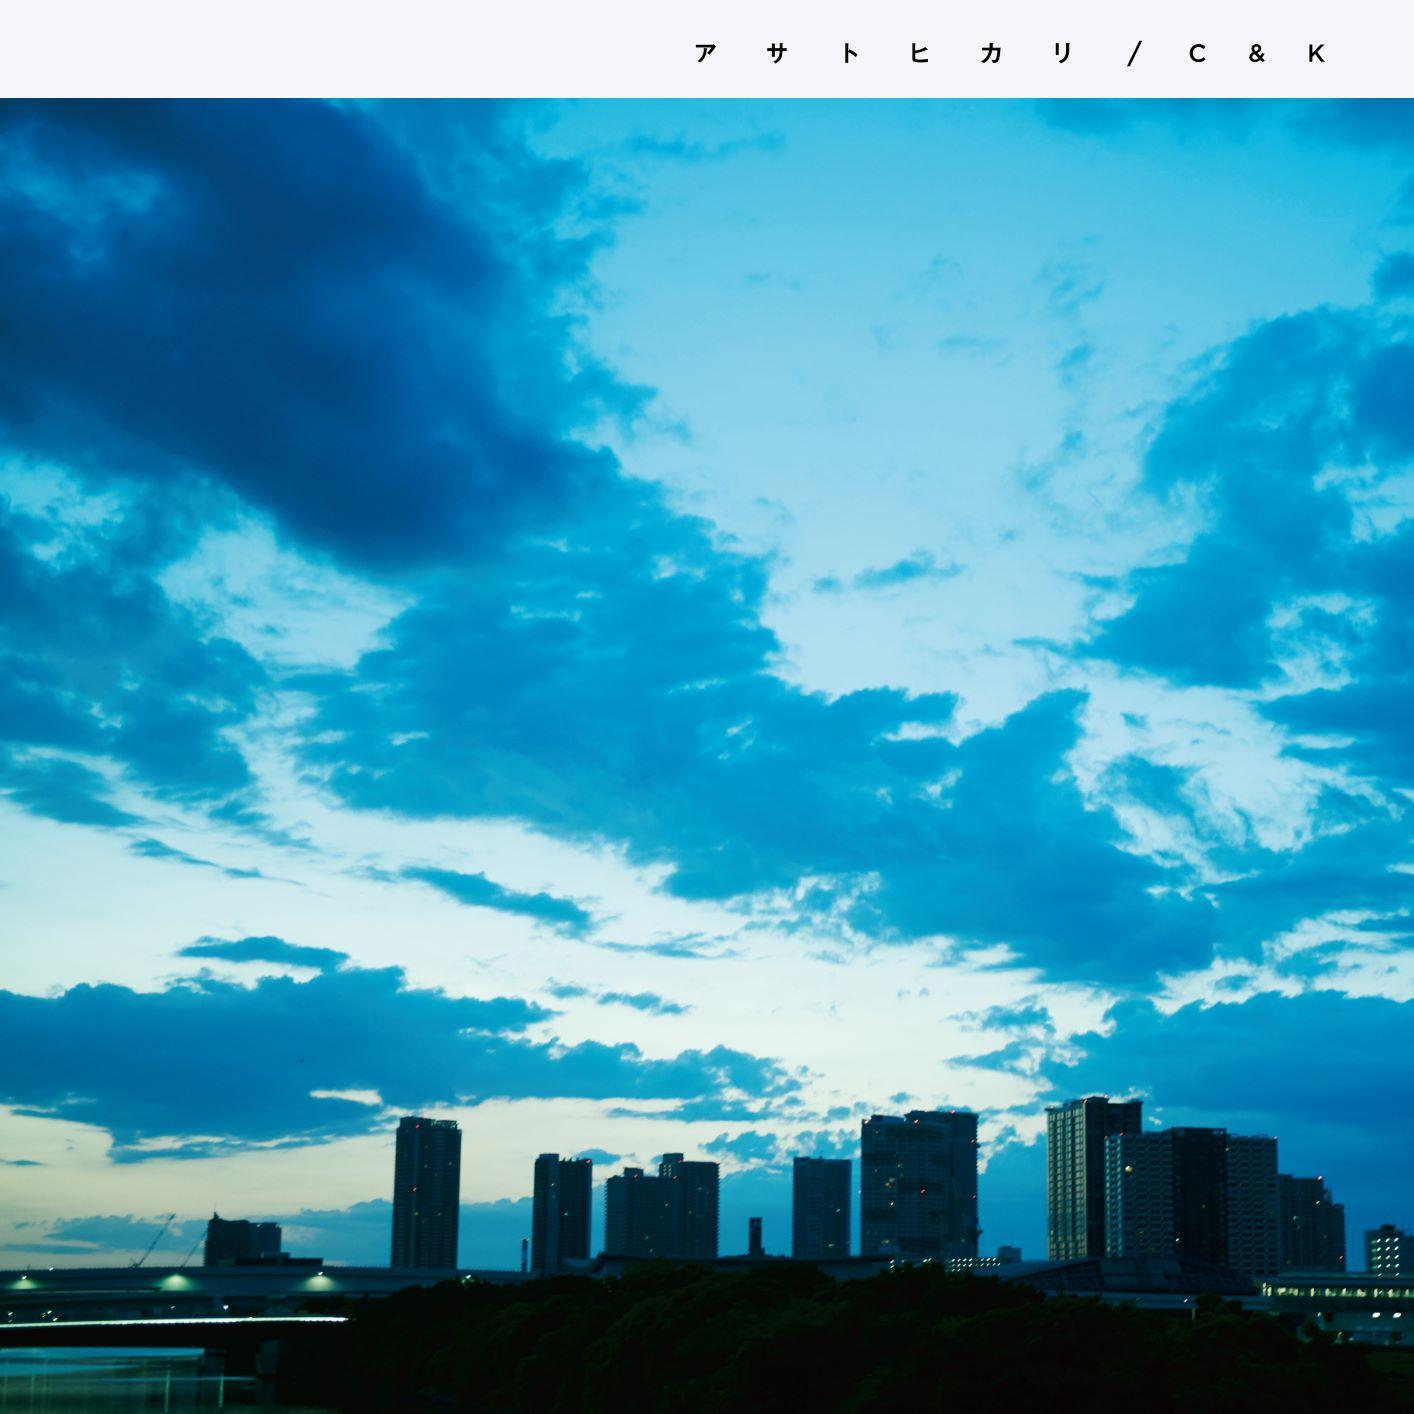 河瀨直美監督の最新作『朝が来る』C&K初の映画主題歌「アサトヒカリ」6月22日先行配信、8月5日リリース決定